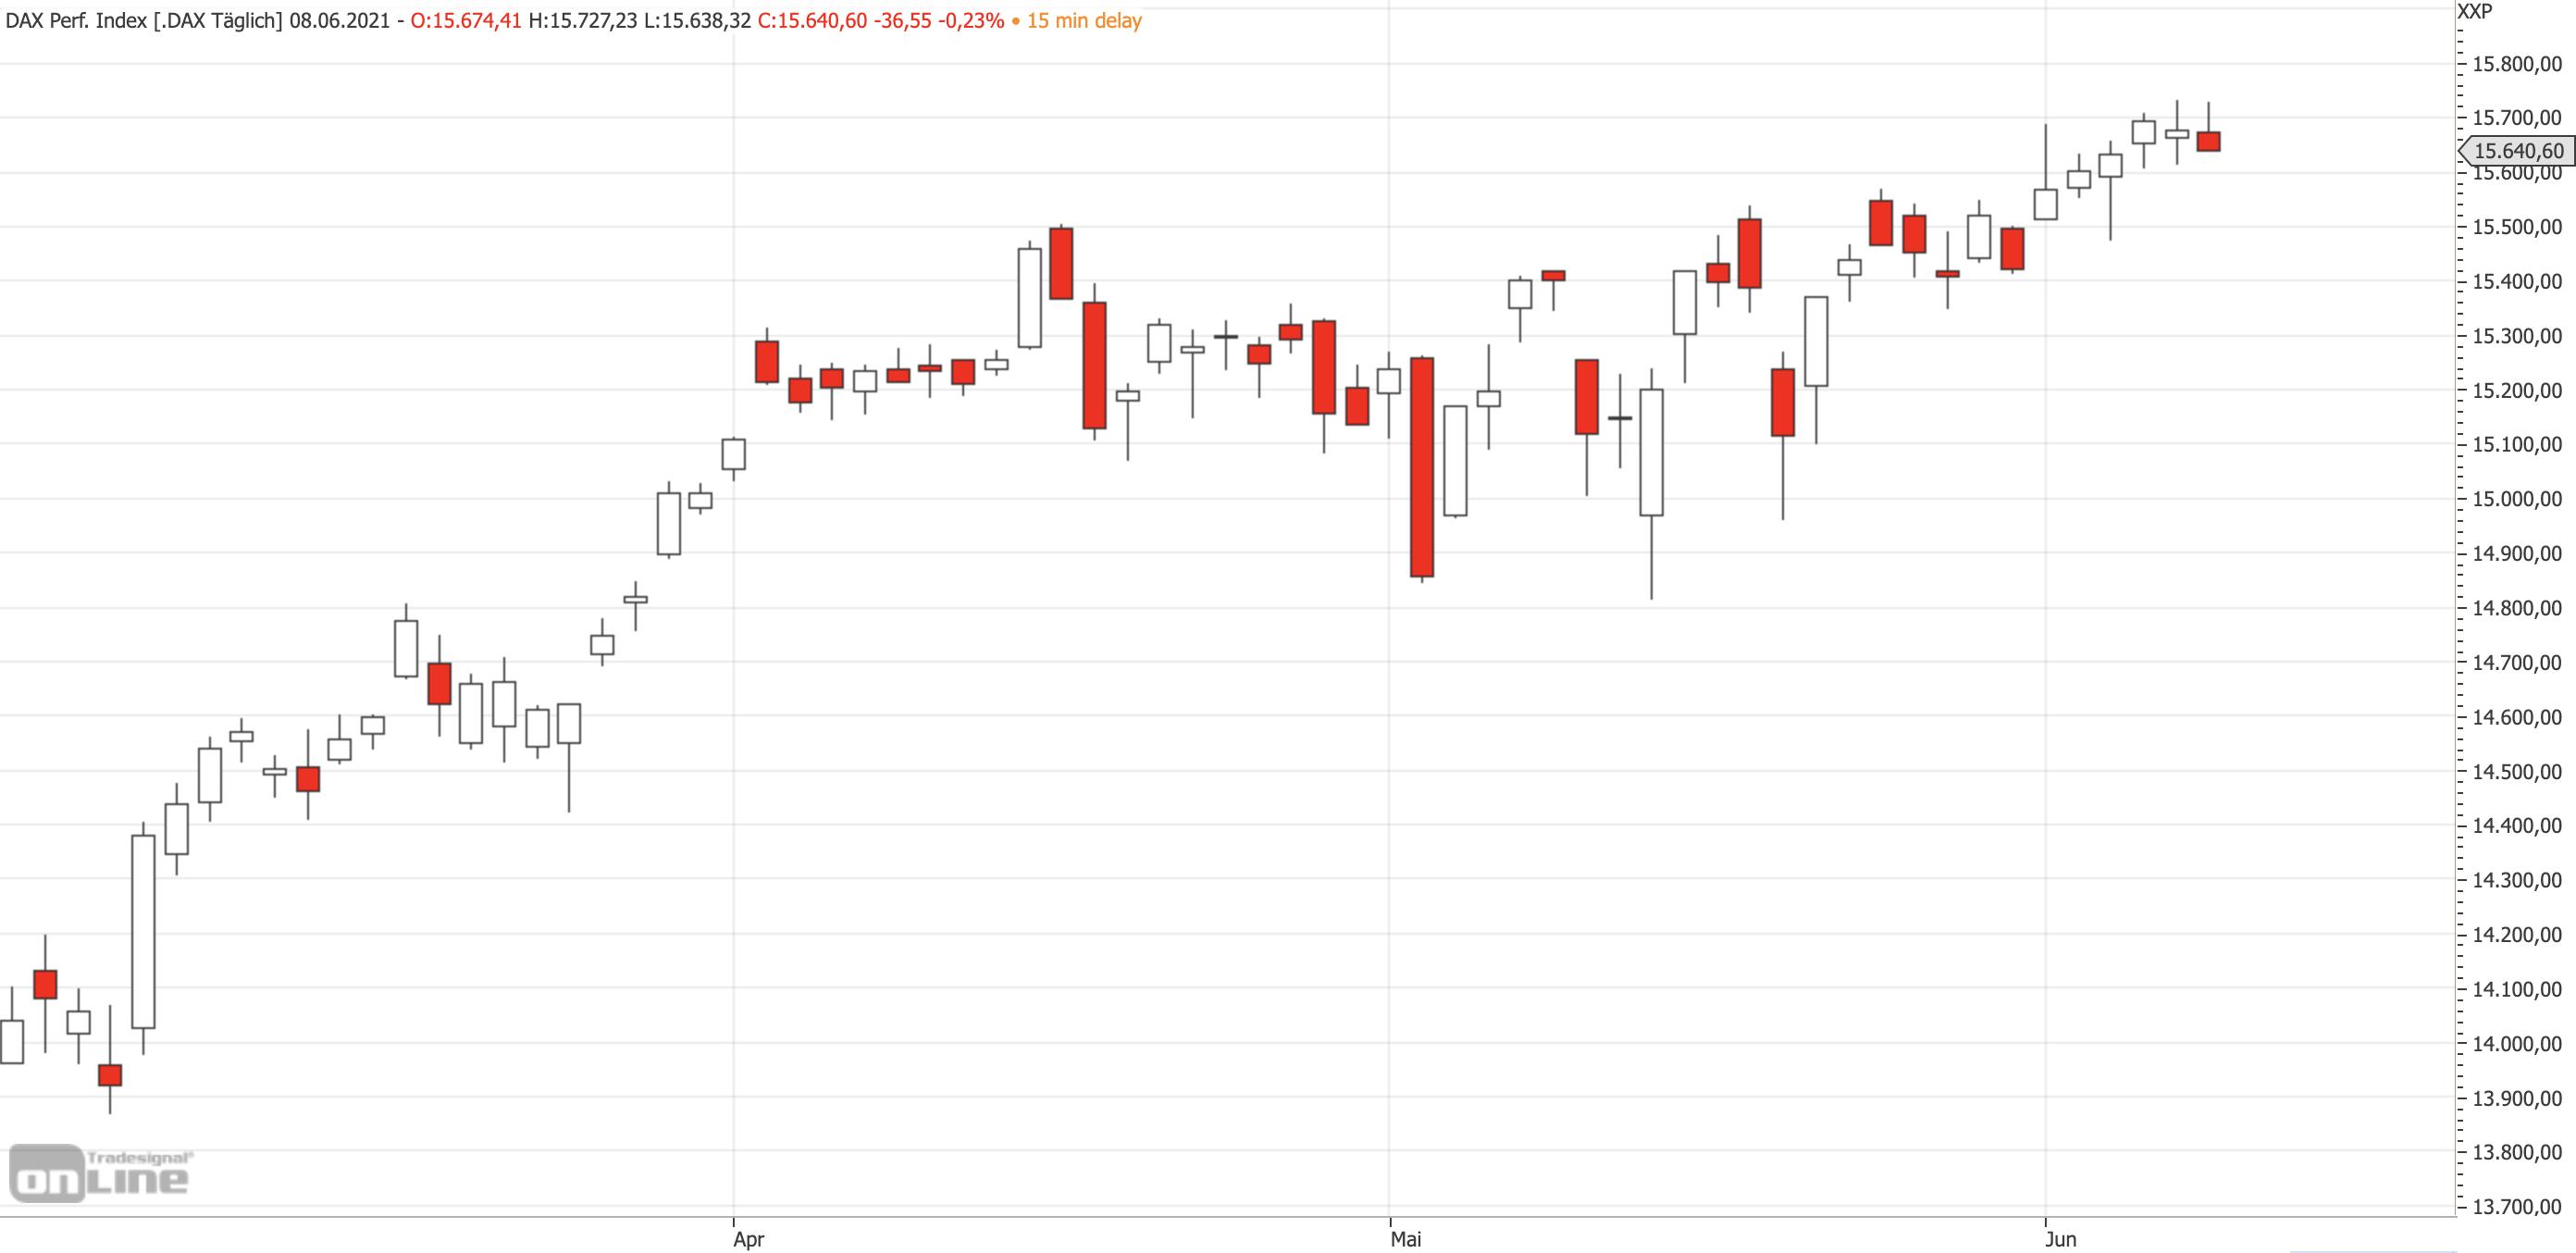 DAX-Chartbild mittelfristig am 08.06.2021